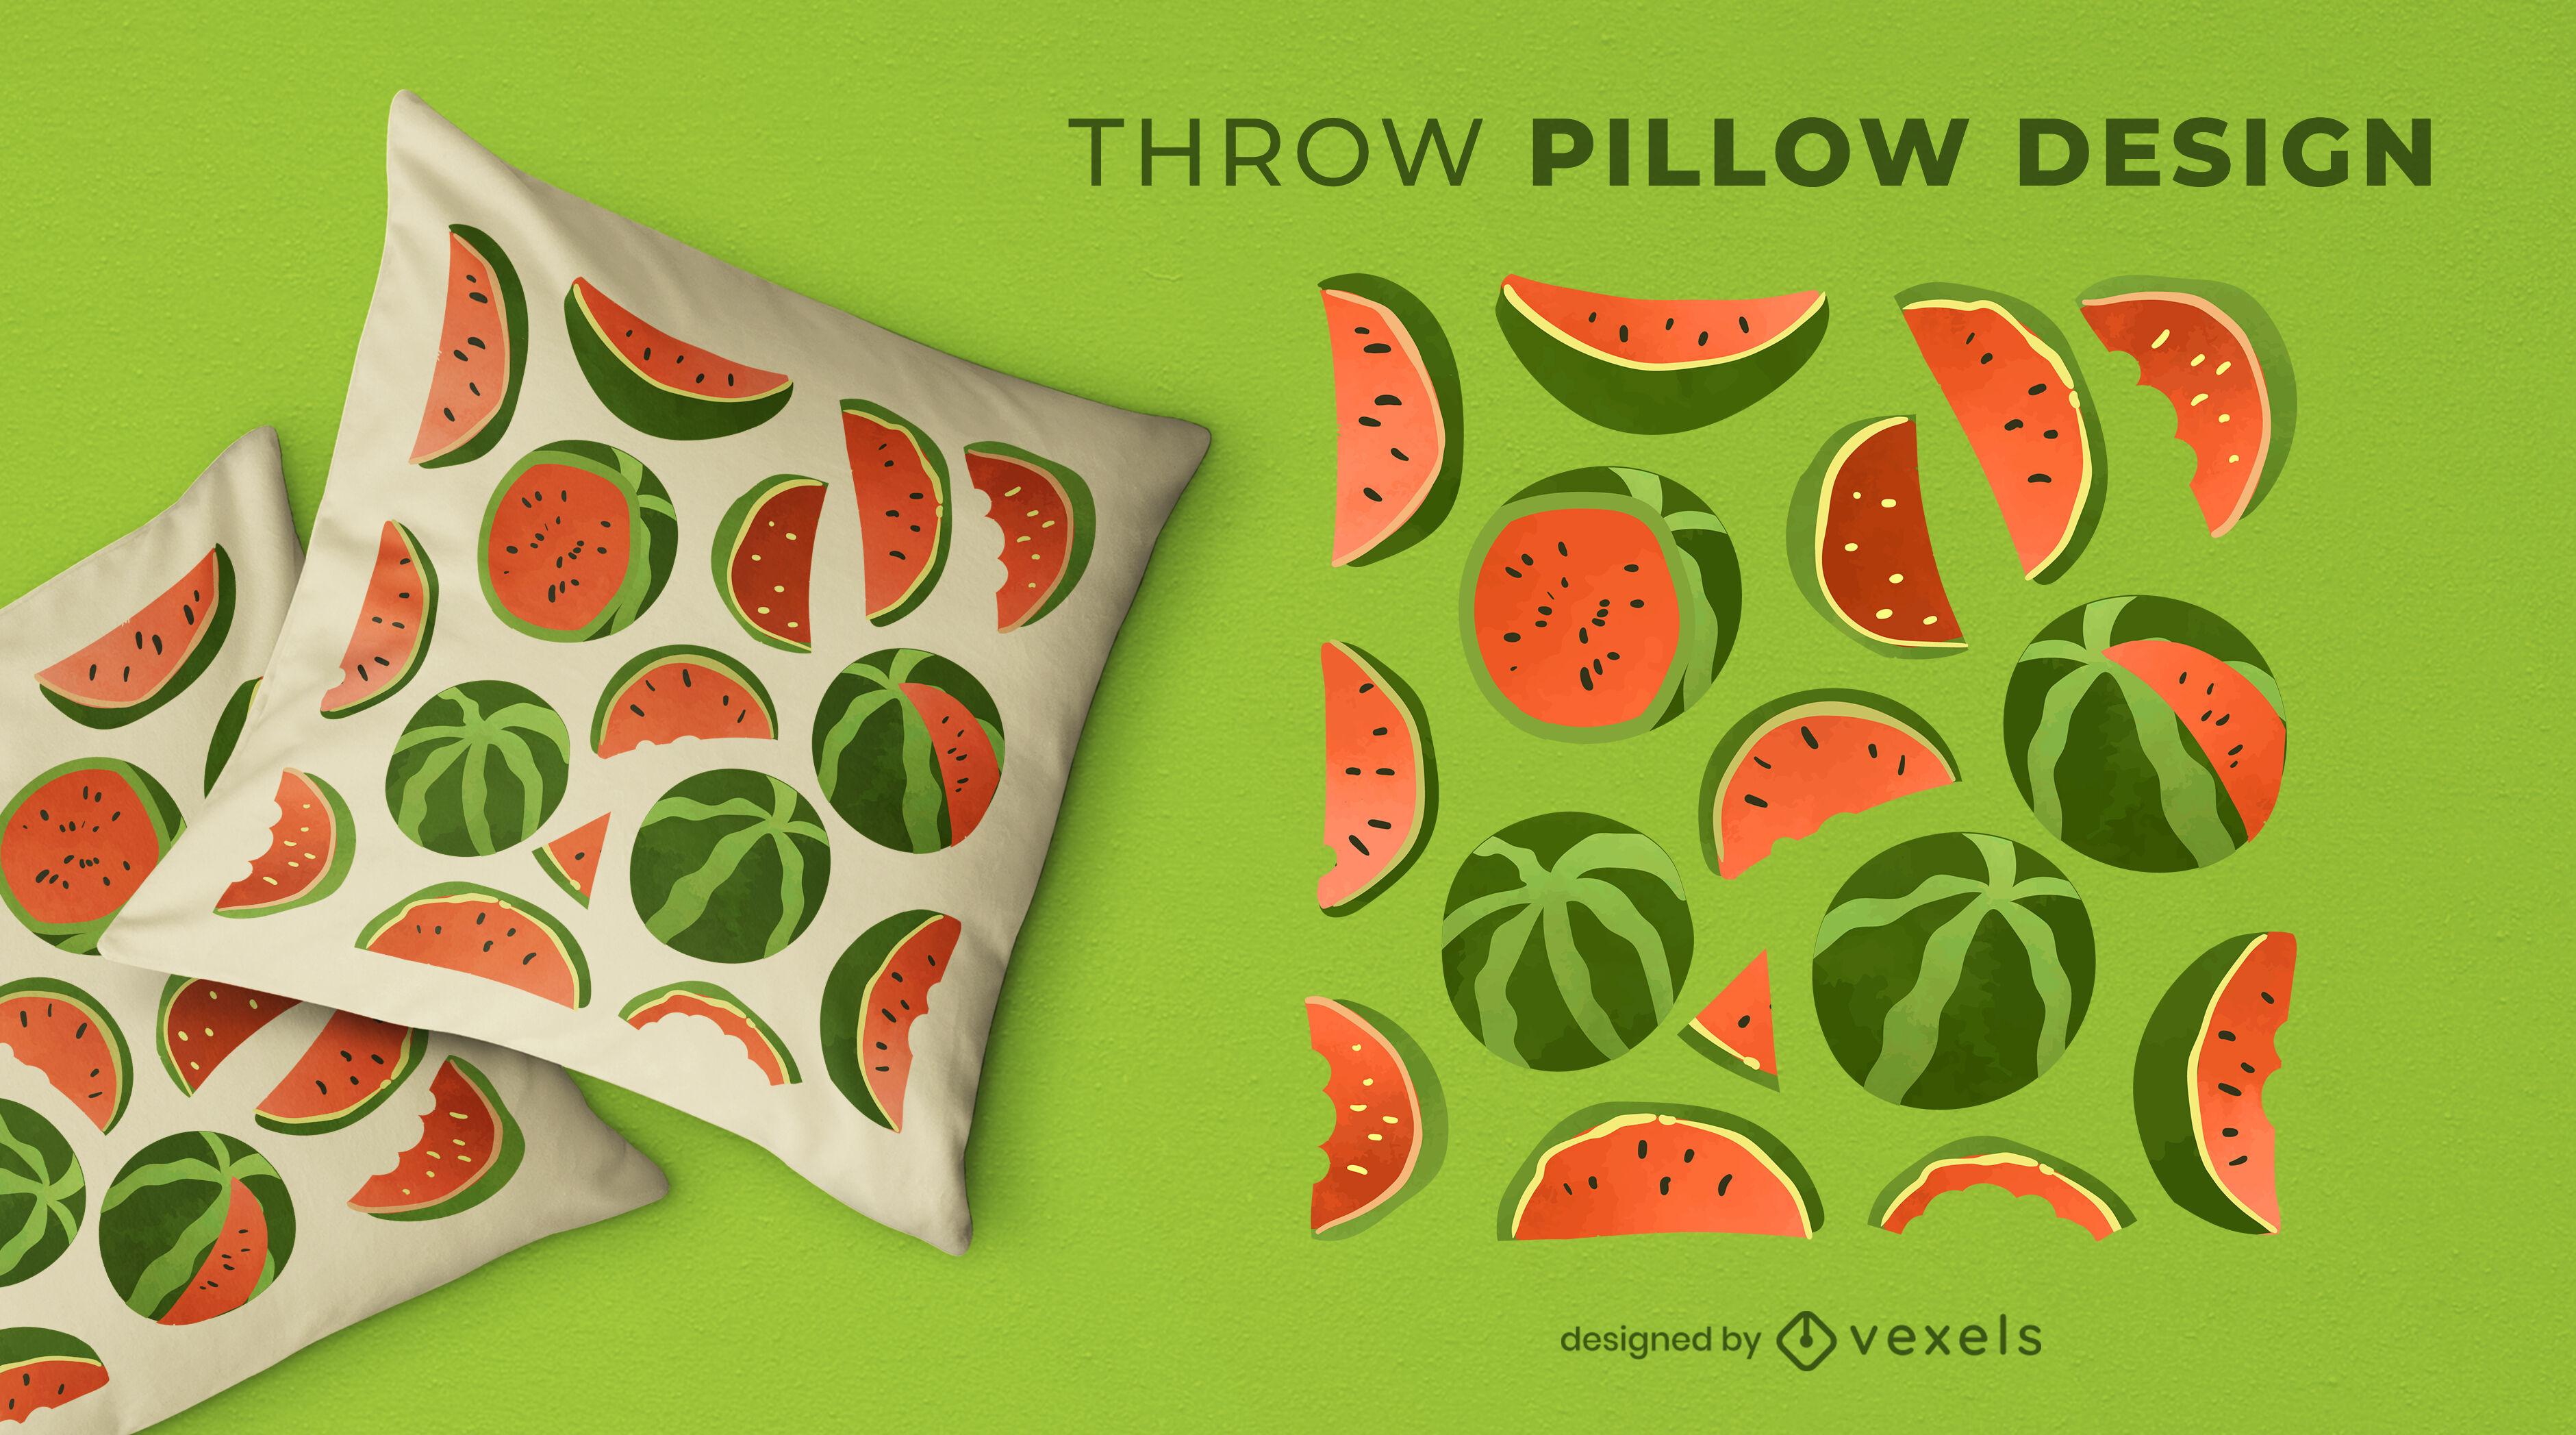 Diseño de almohada con patrón de sandía en acuarela